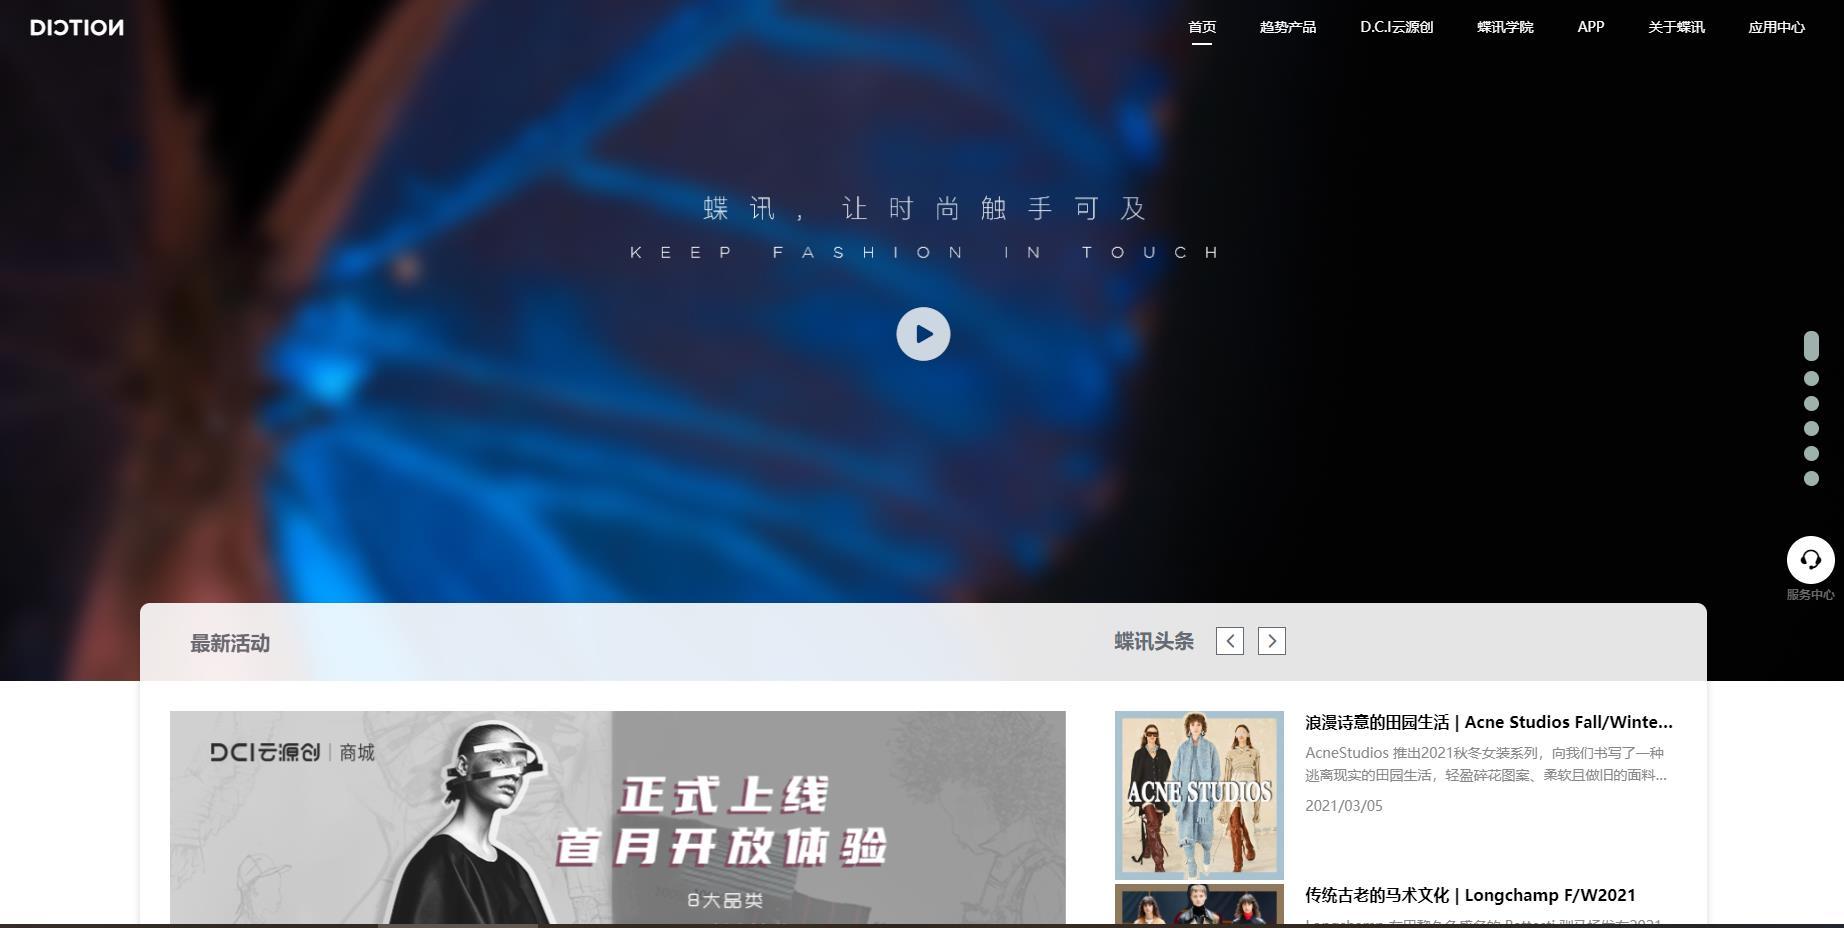 蝶讯(DICTION)全球时尚趋势资讯提供商